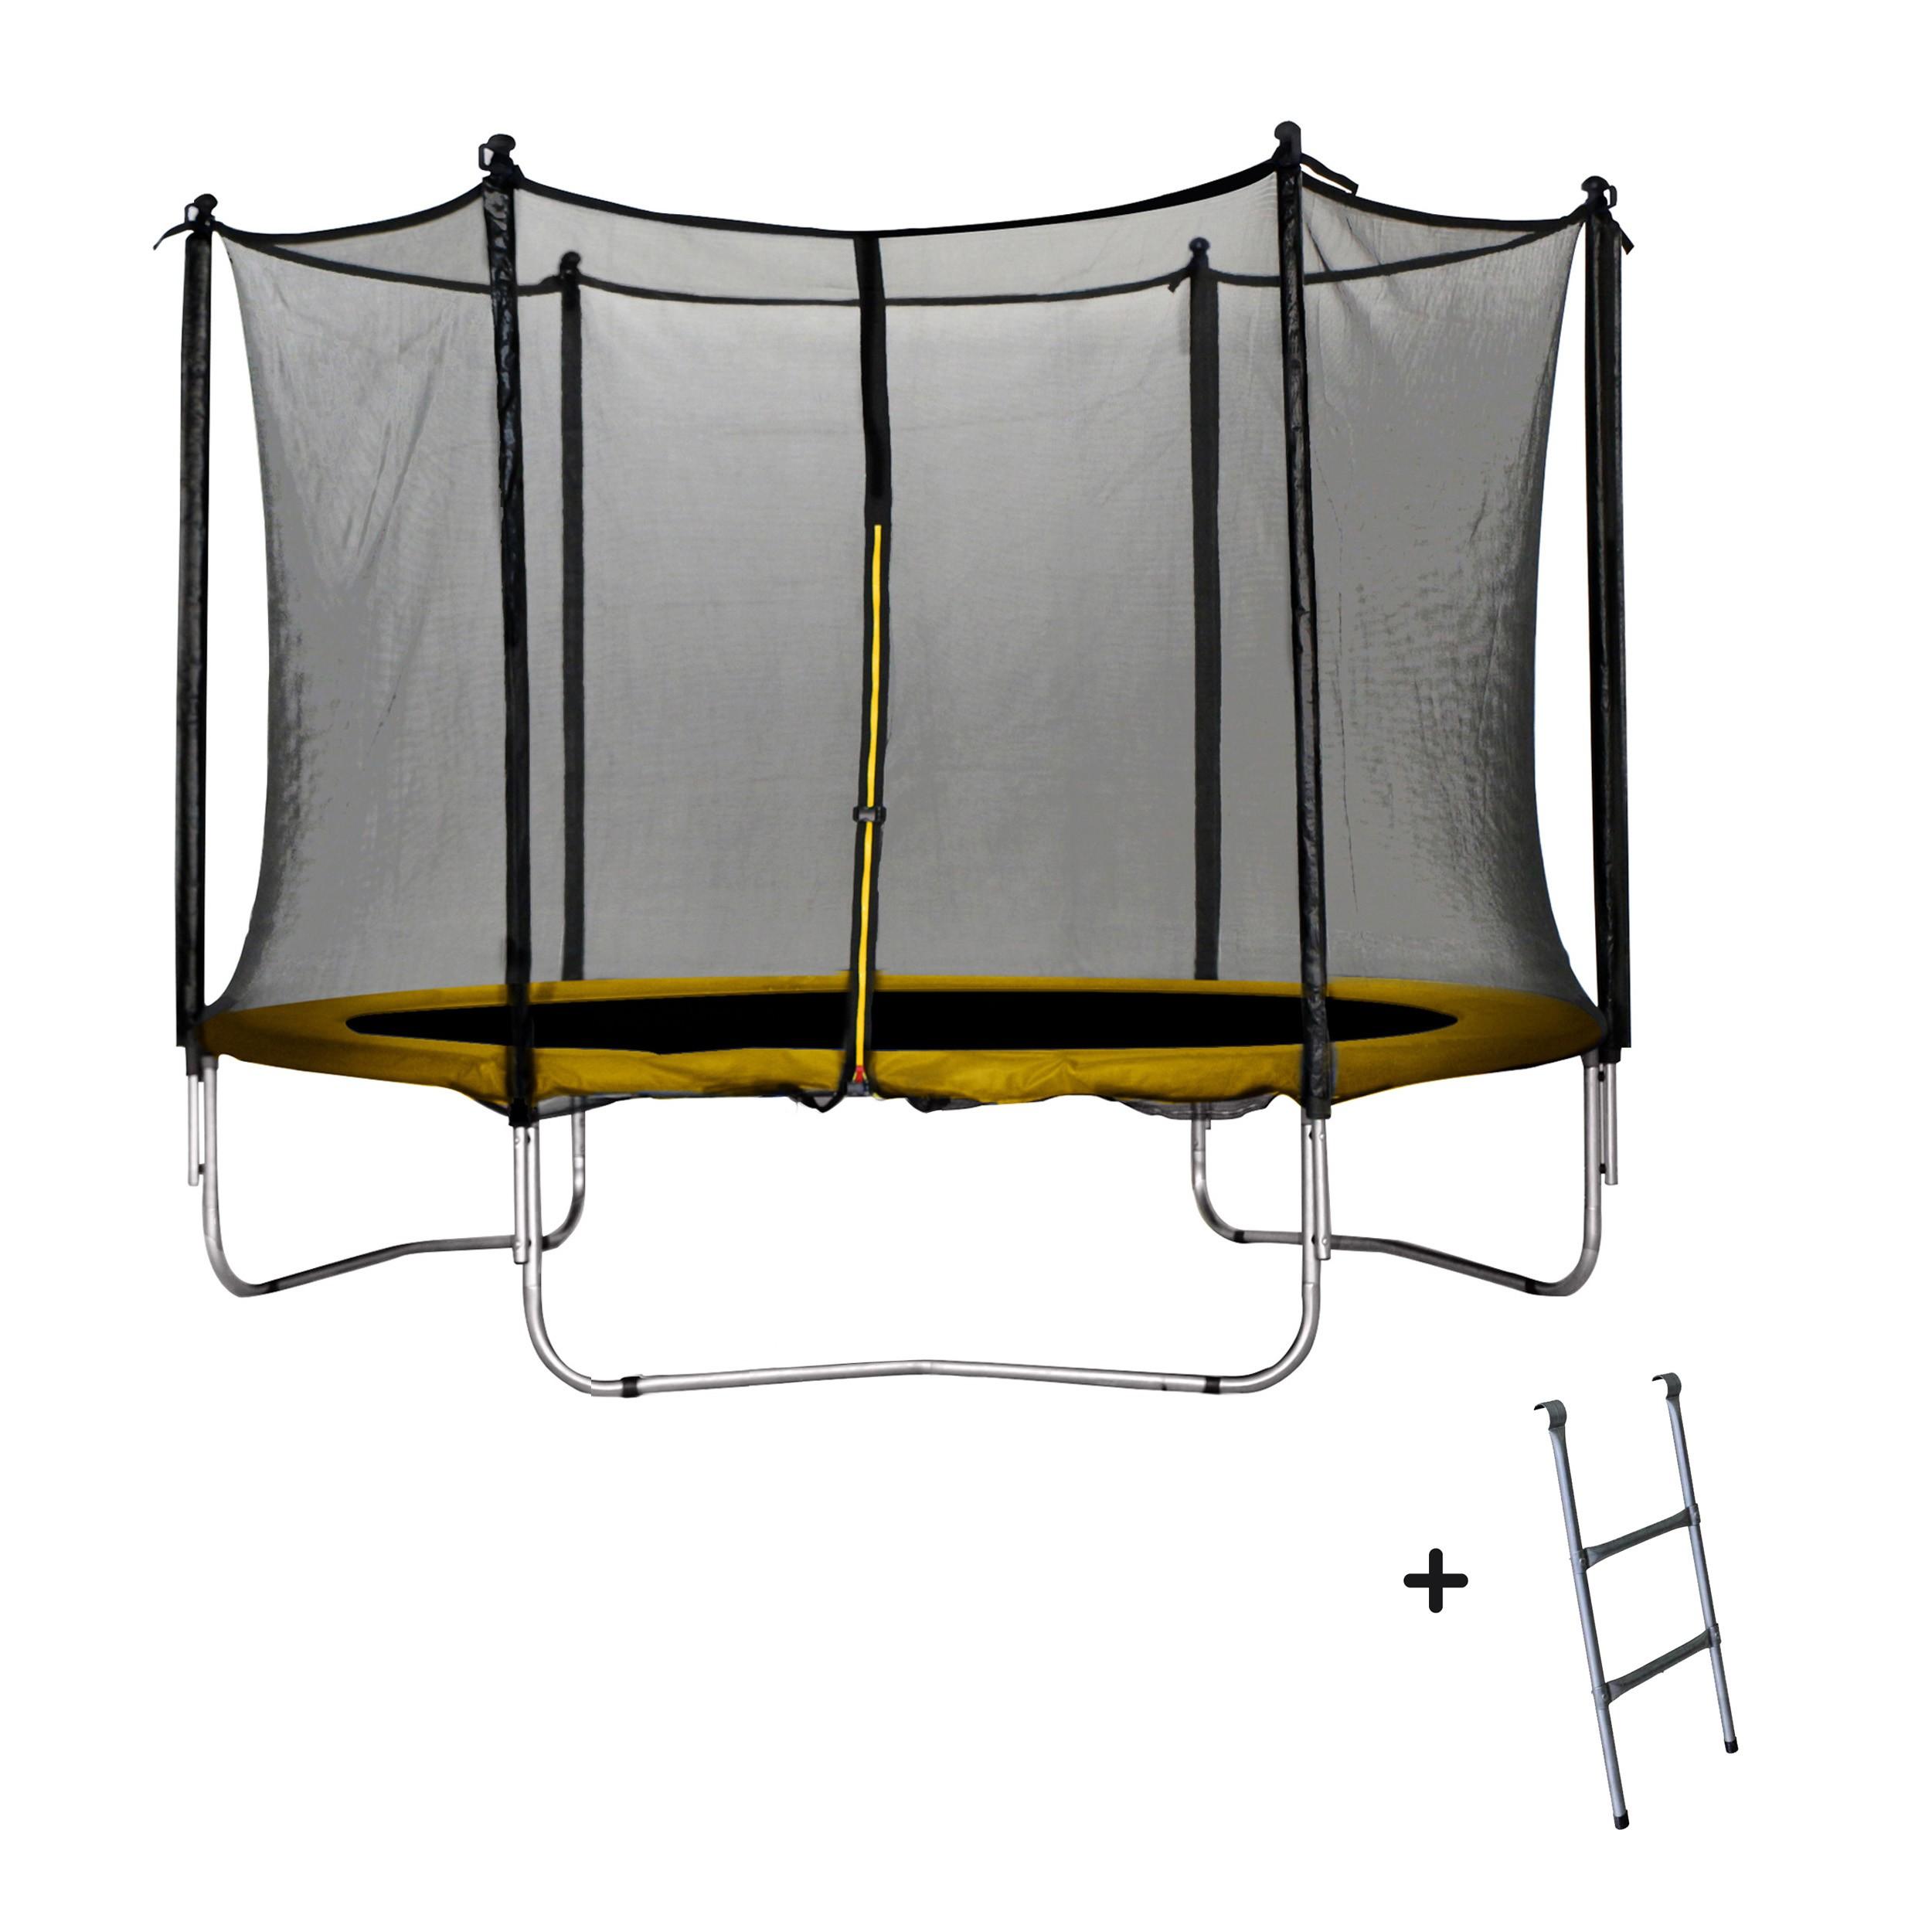 achat trampoline jaune 305 cm echelle